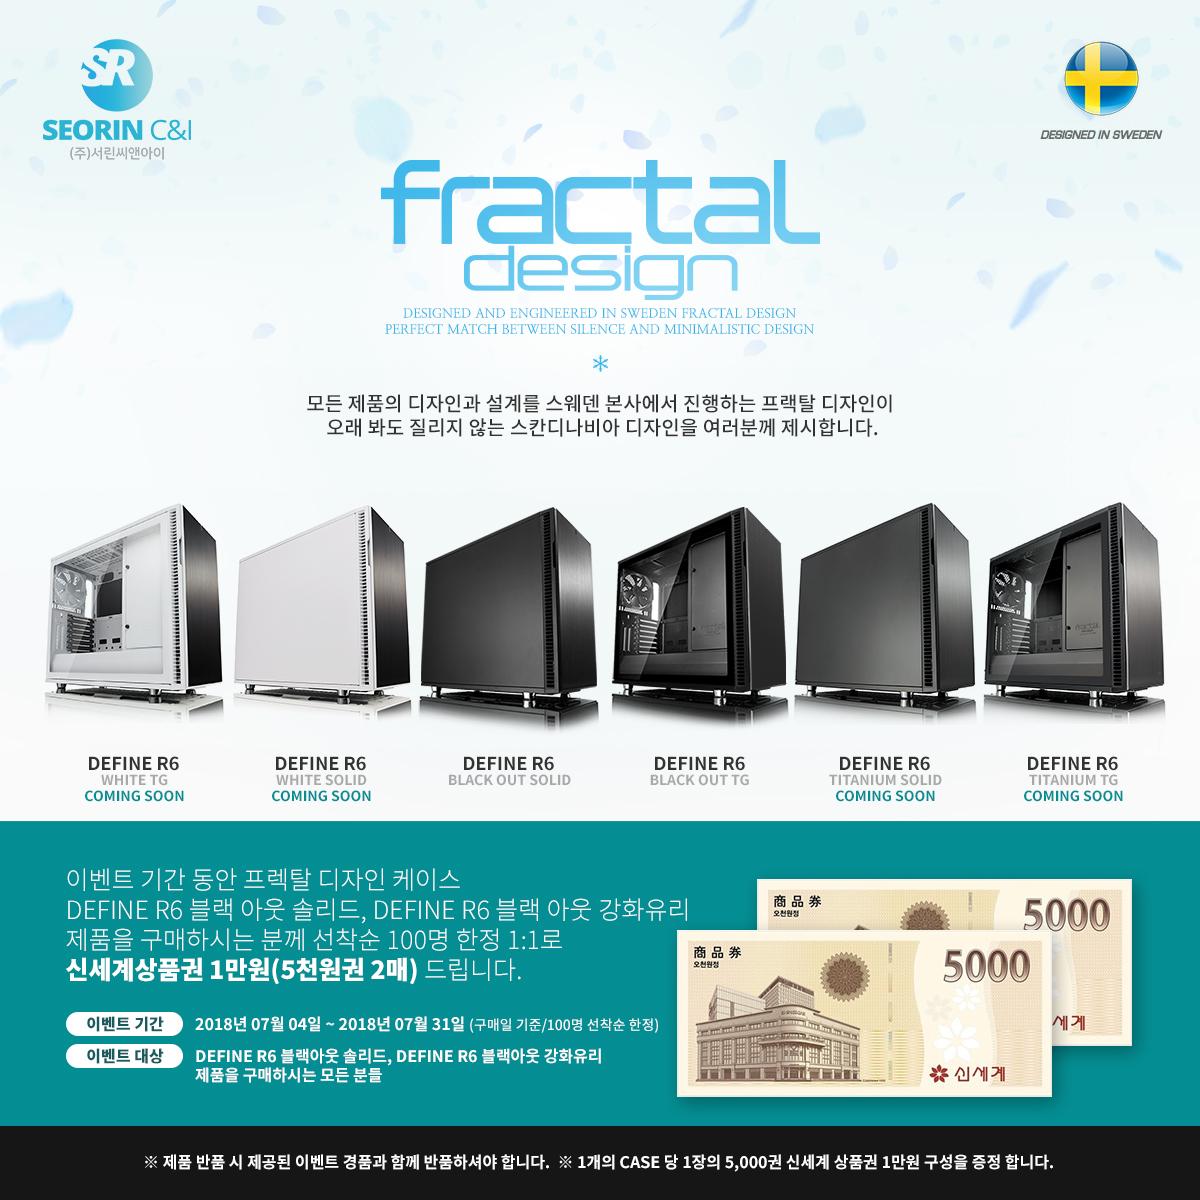 7월 프렉탈디자인 R6 블랙아웃 시리즈 구매자 대상 100명 선착순 신세계 상품권 1만원권 증정!!